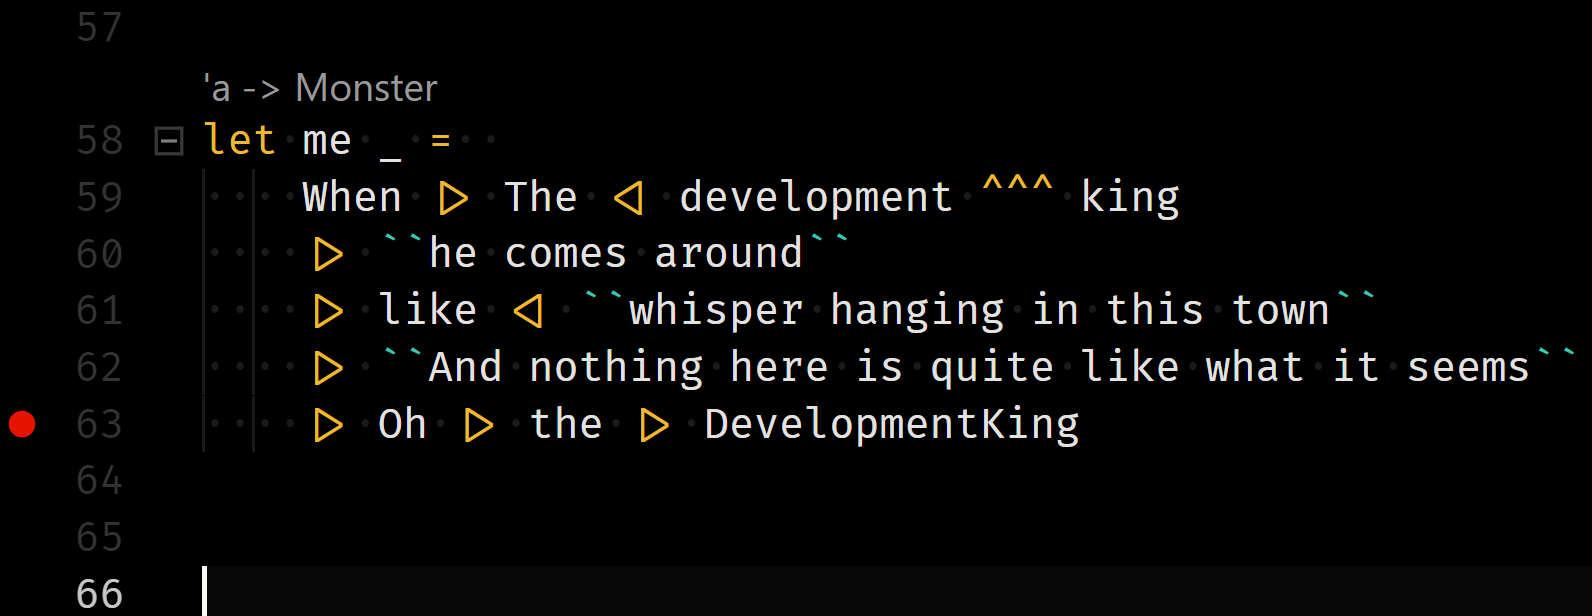 Король разработки - 1